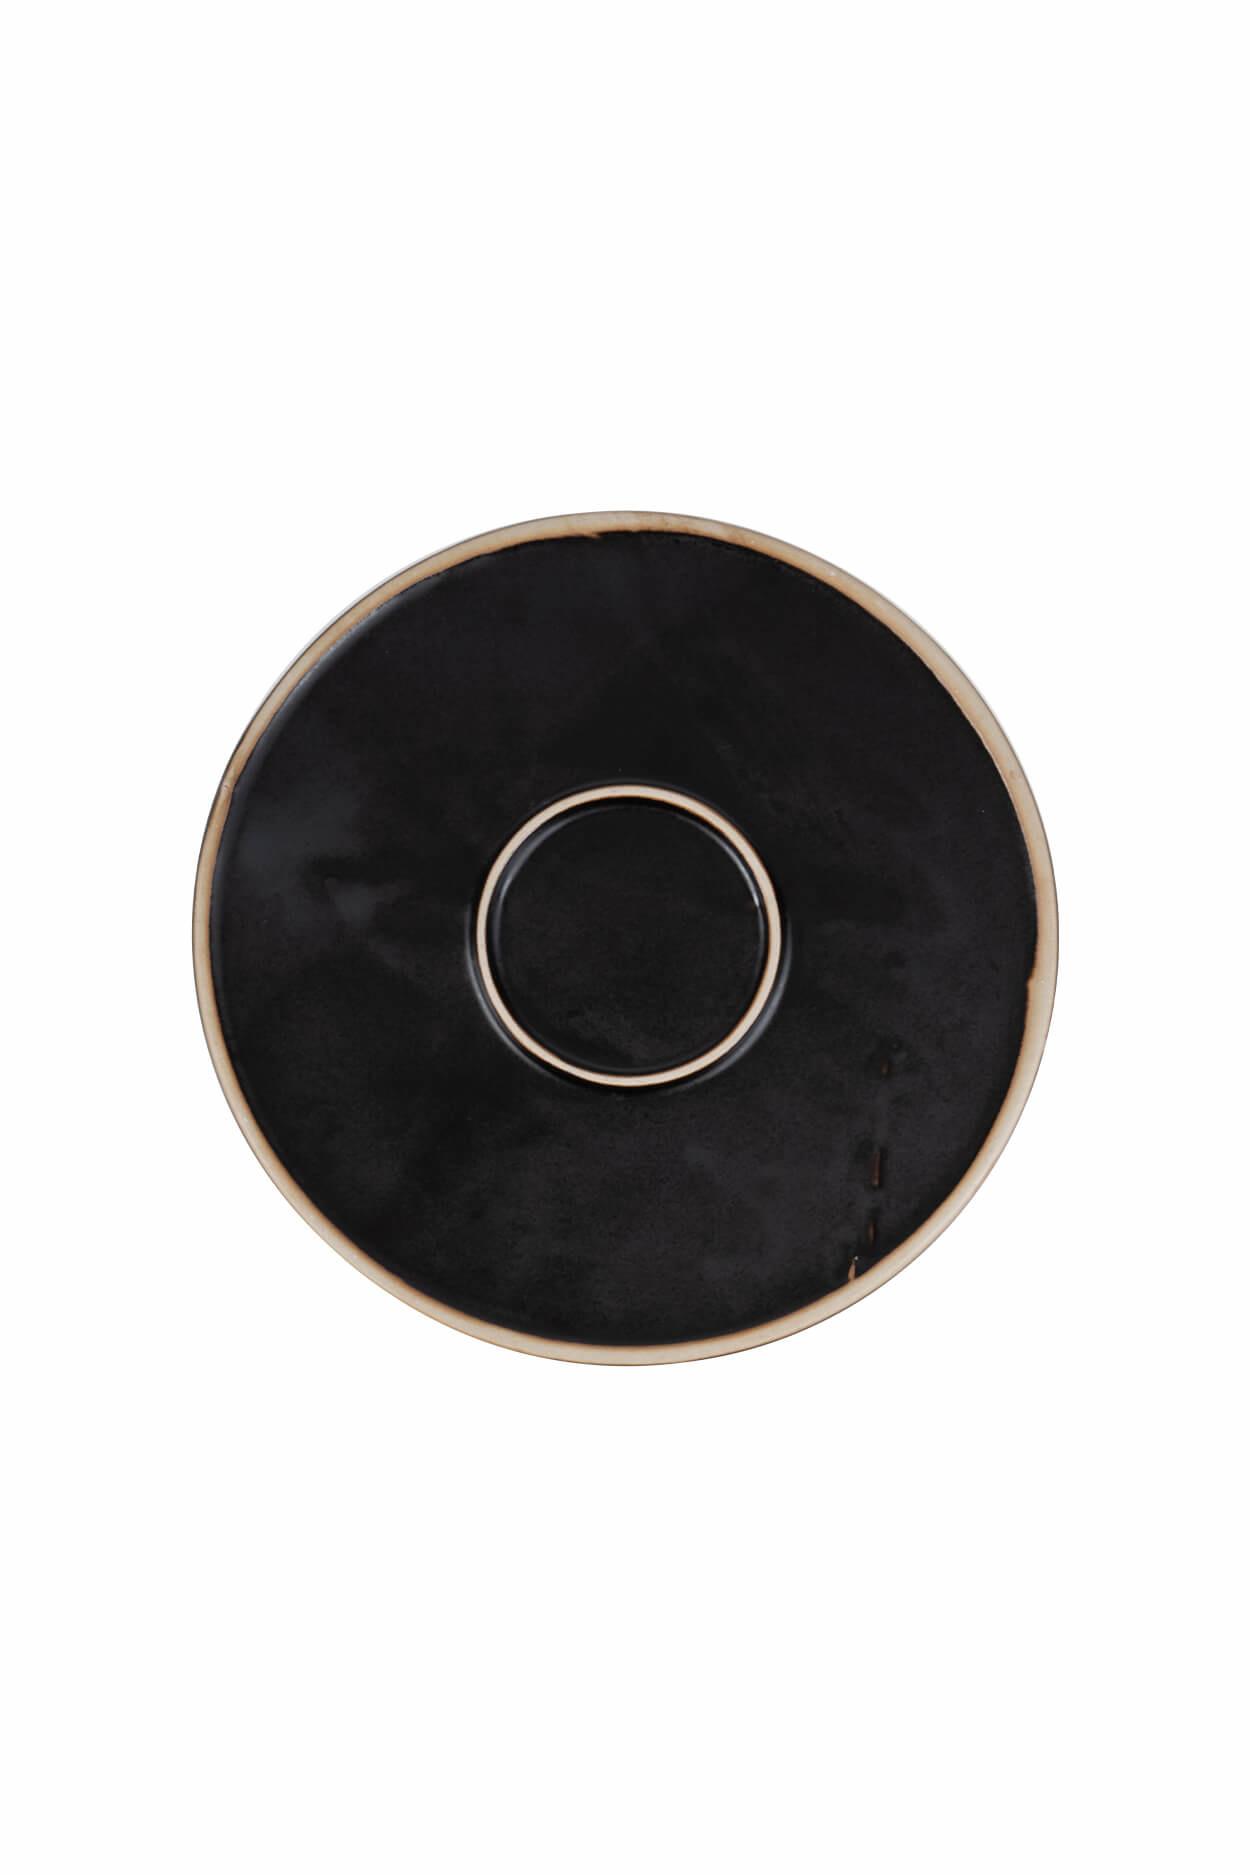 Zusss 0701-001-0000 Zusss ontbijtbord aardewerk zwart